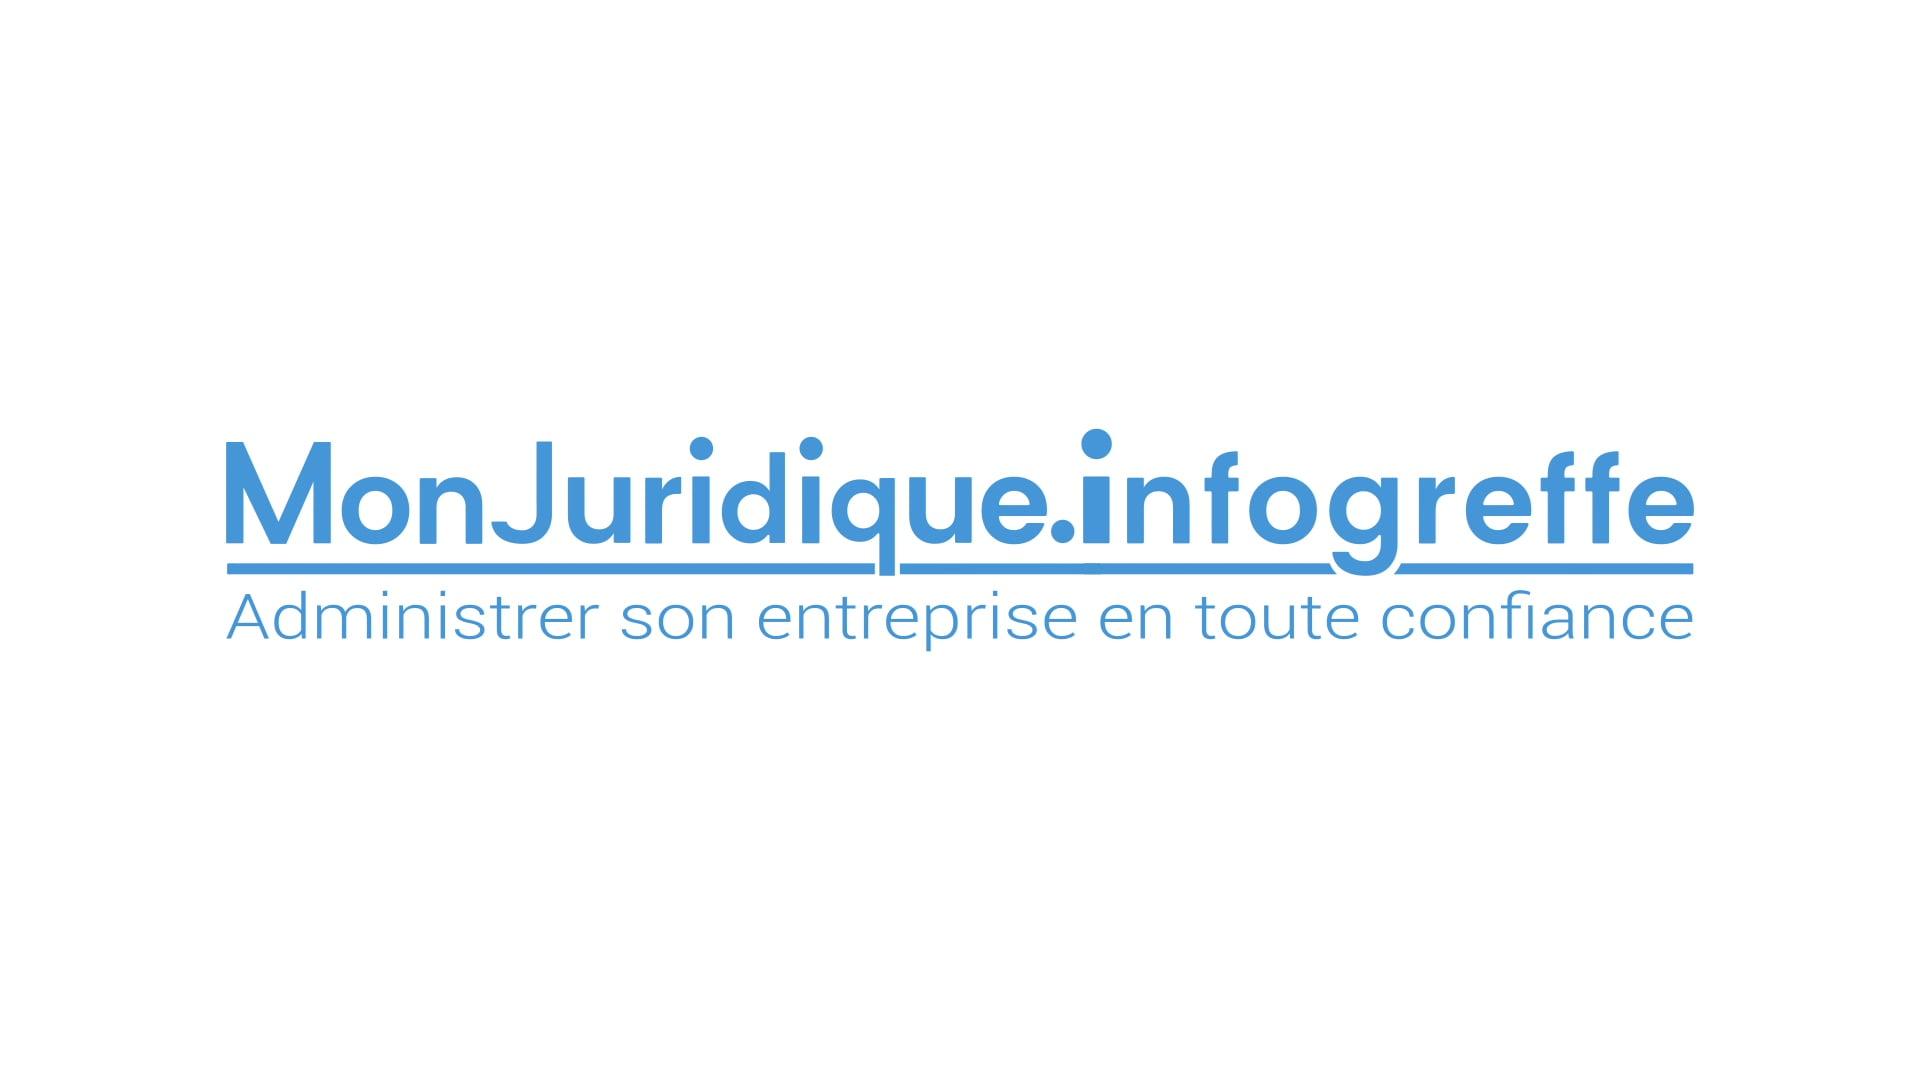 MonJuridique | Présentation digitale